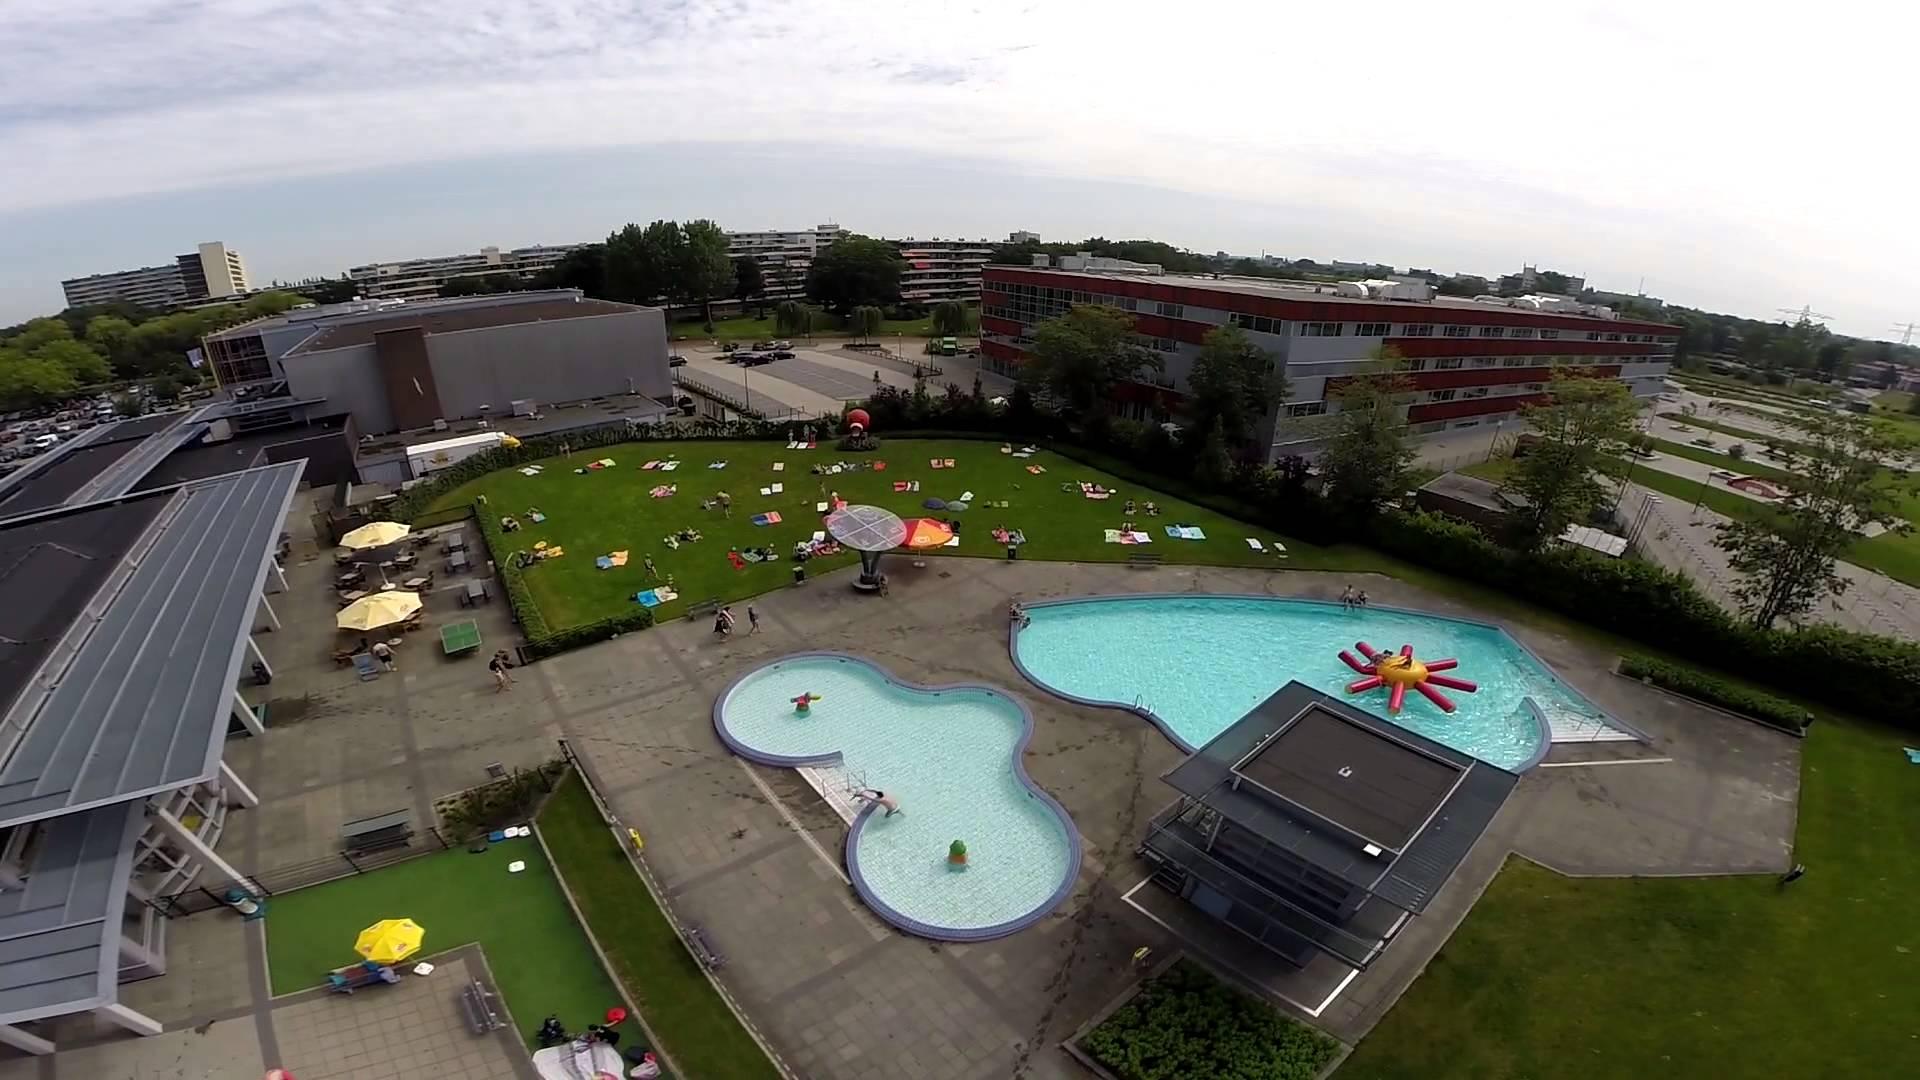 Zwembad de vallei veenendaal: 112 hilversum zwembad de vallei in